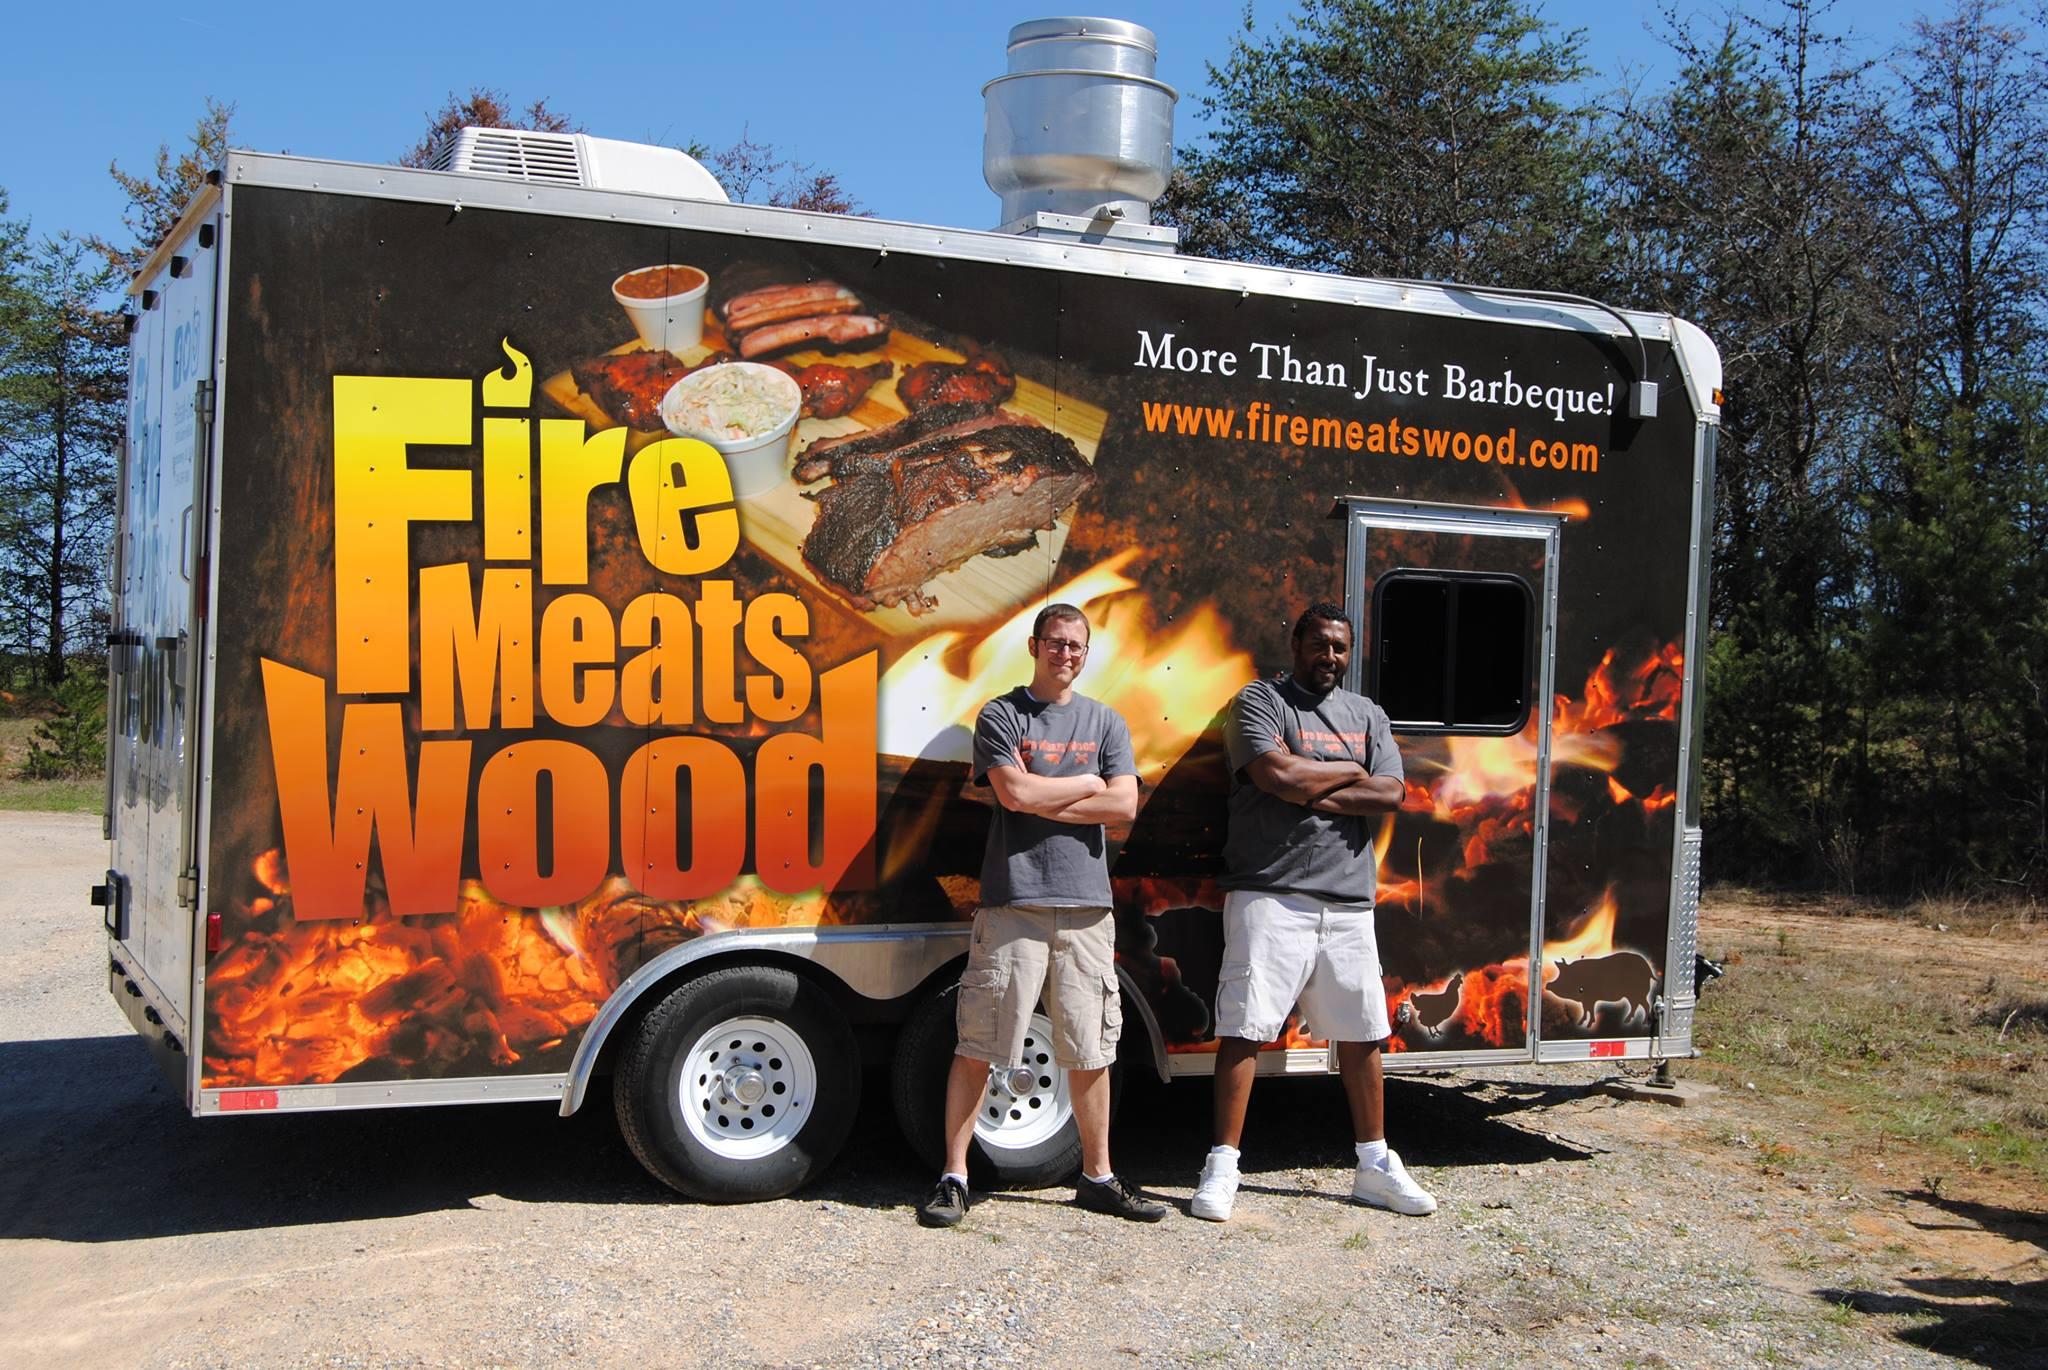 Fire Meats Wood